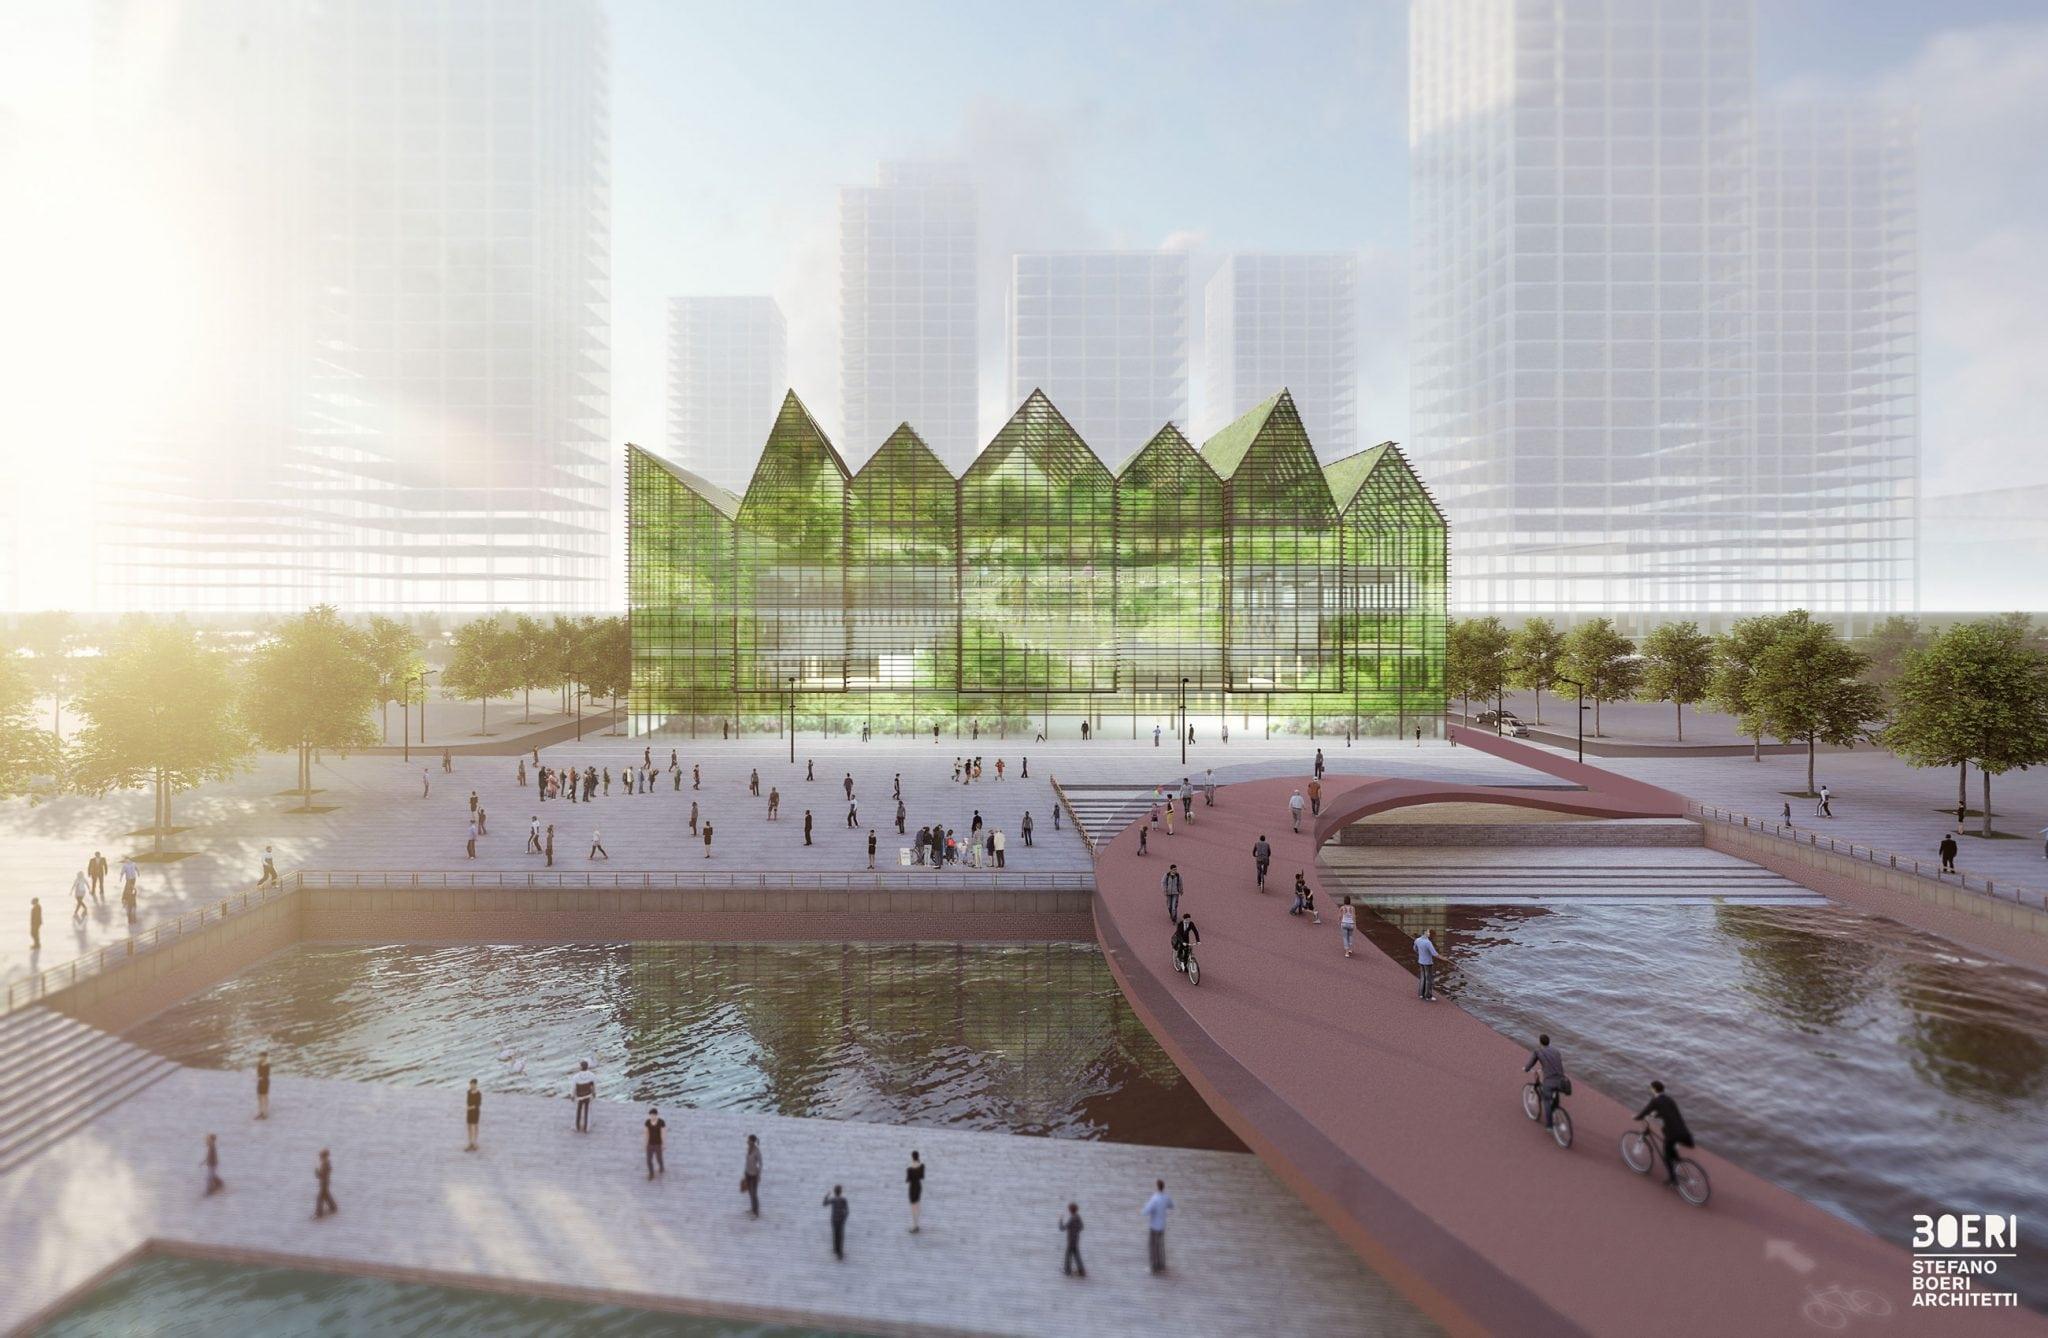 Stefano-Boeri-Architetti_The-green-cathedral_-Amsterdam_2018